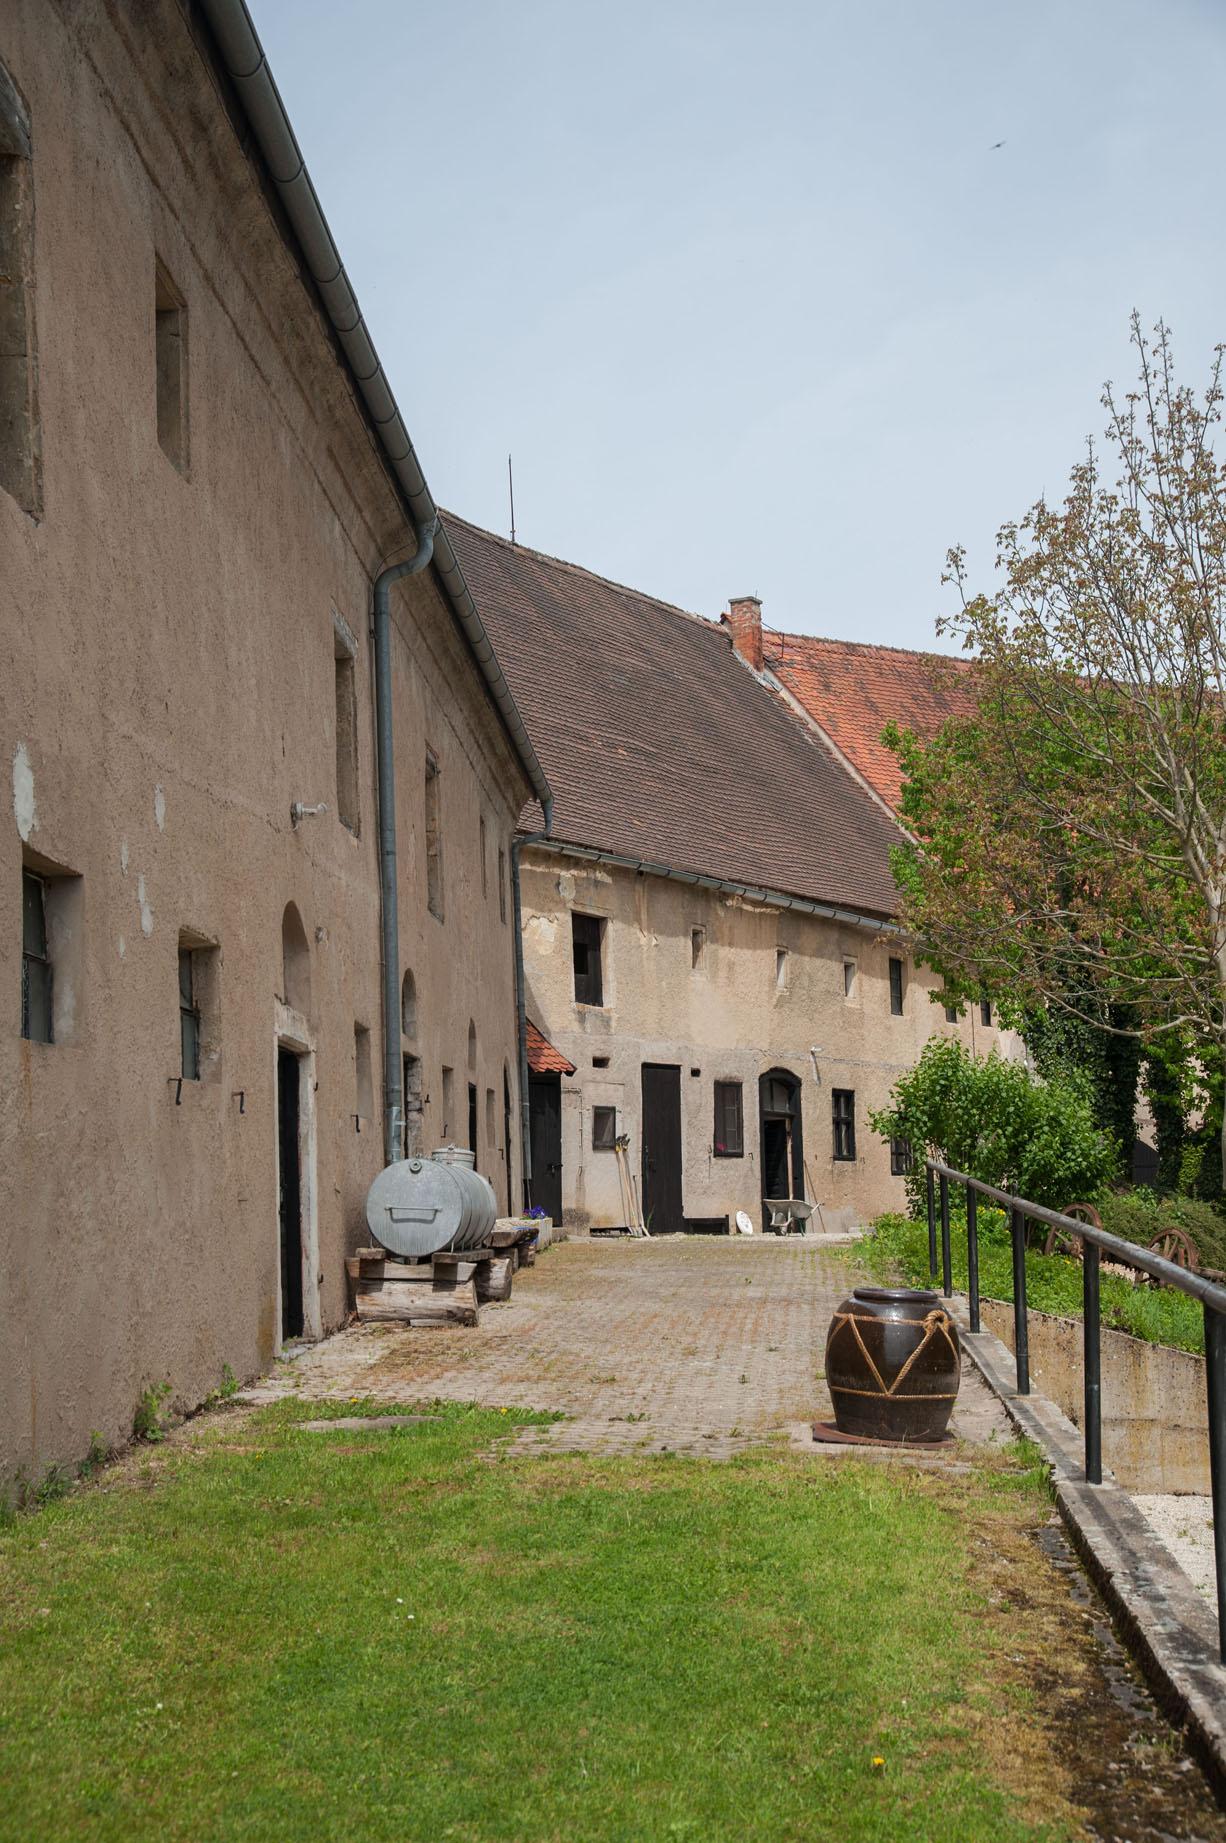 Schuren Schloss Möhren